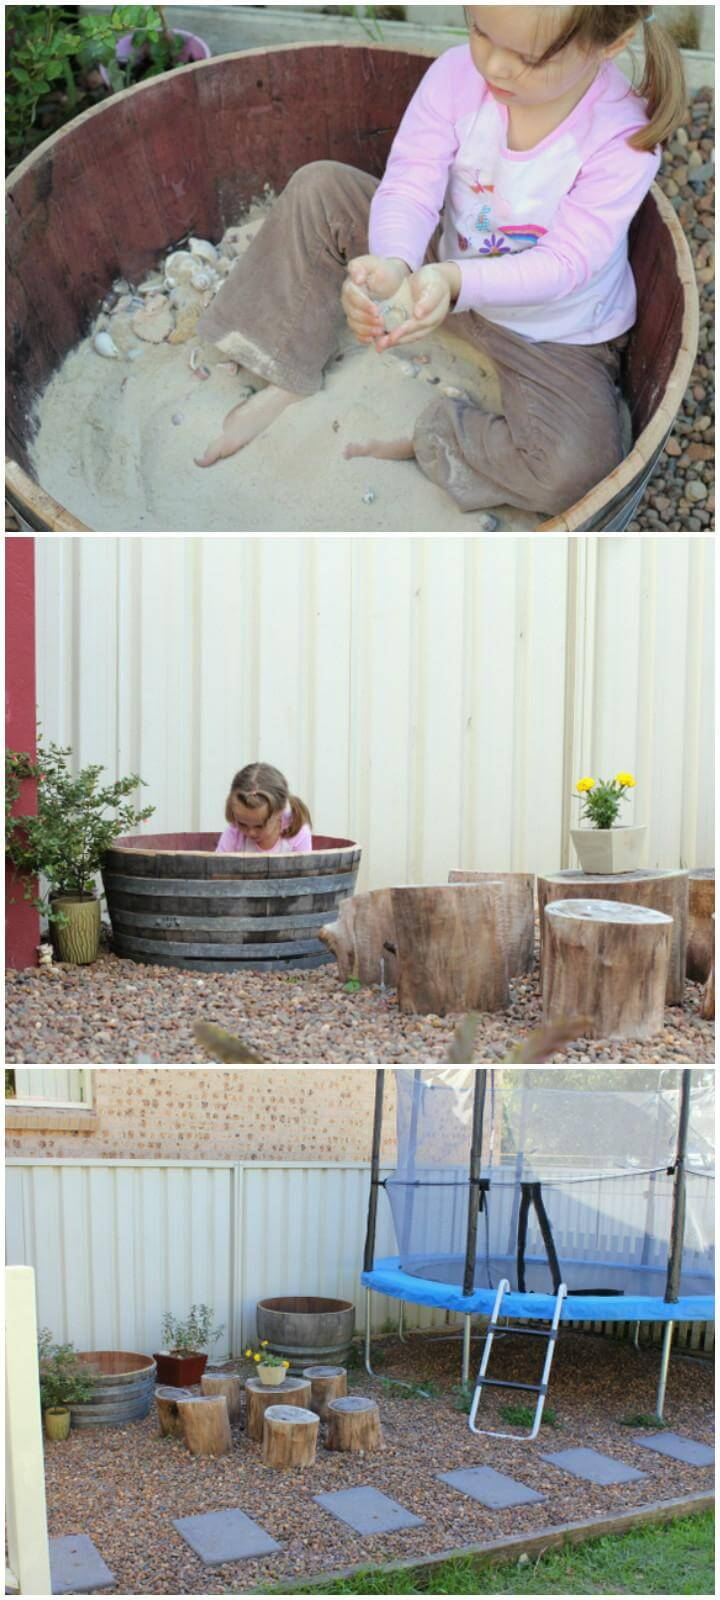 DIY Old Barrel Sandbox